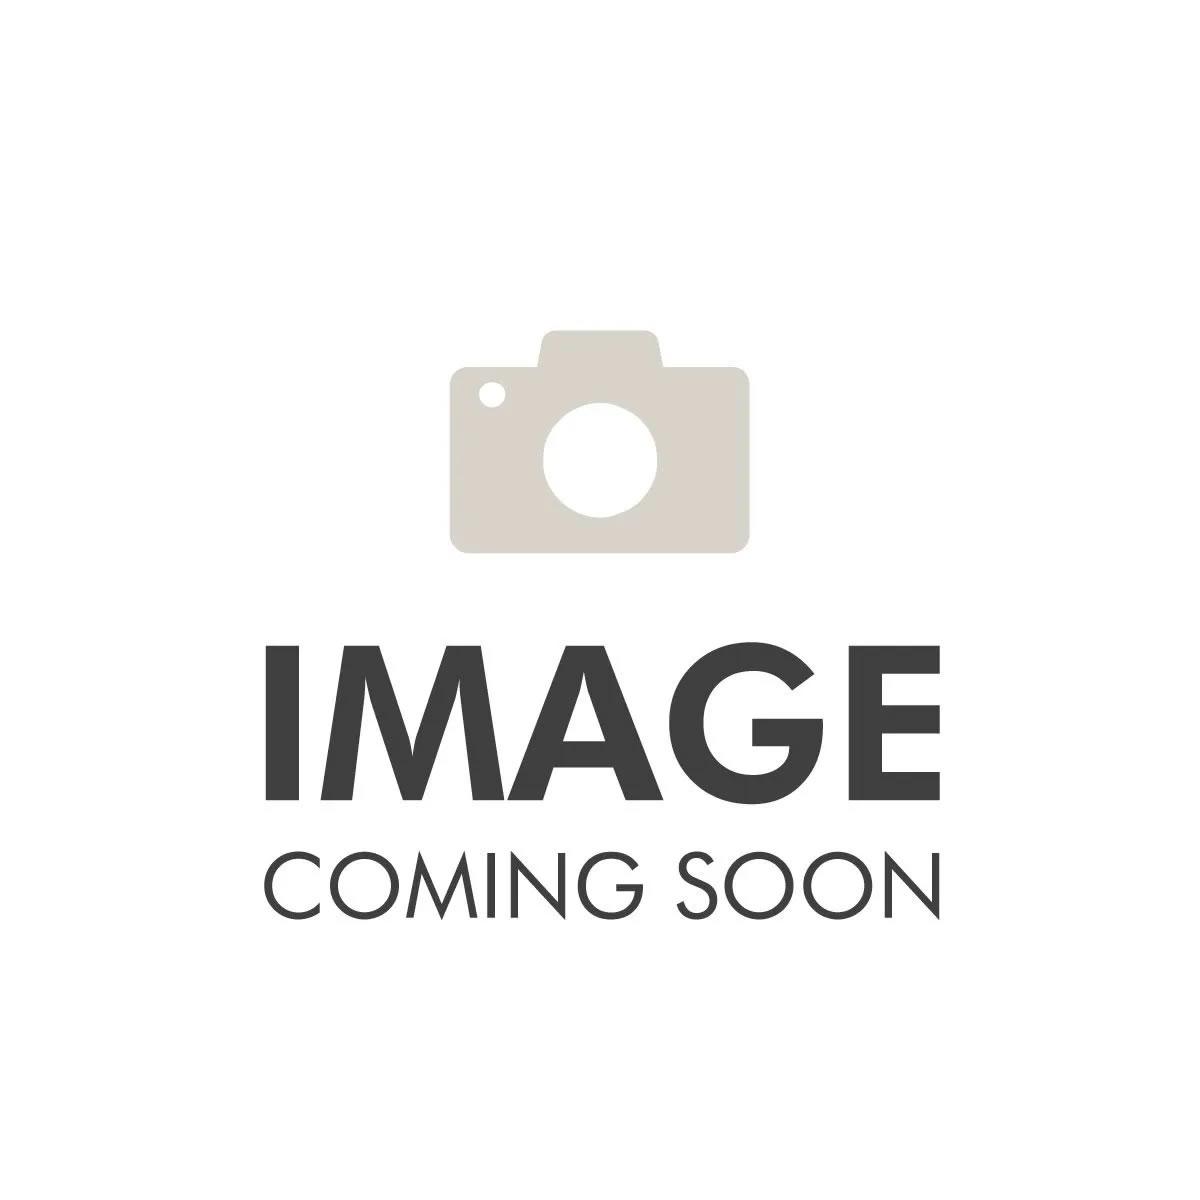 Wheel Cylinder Repair Kit, 3/4 Inch Bore